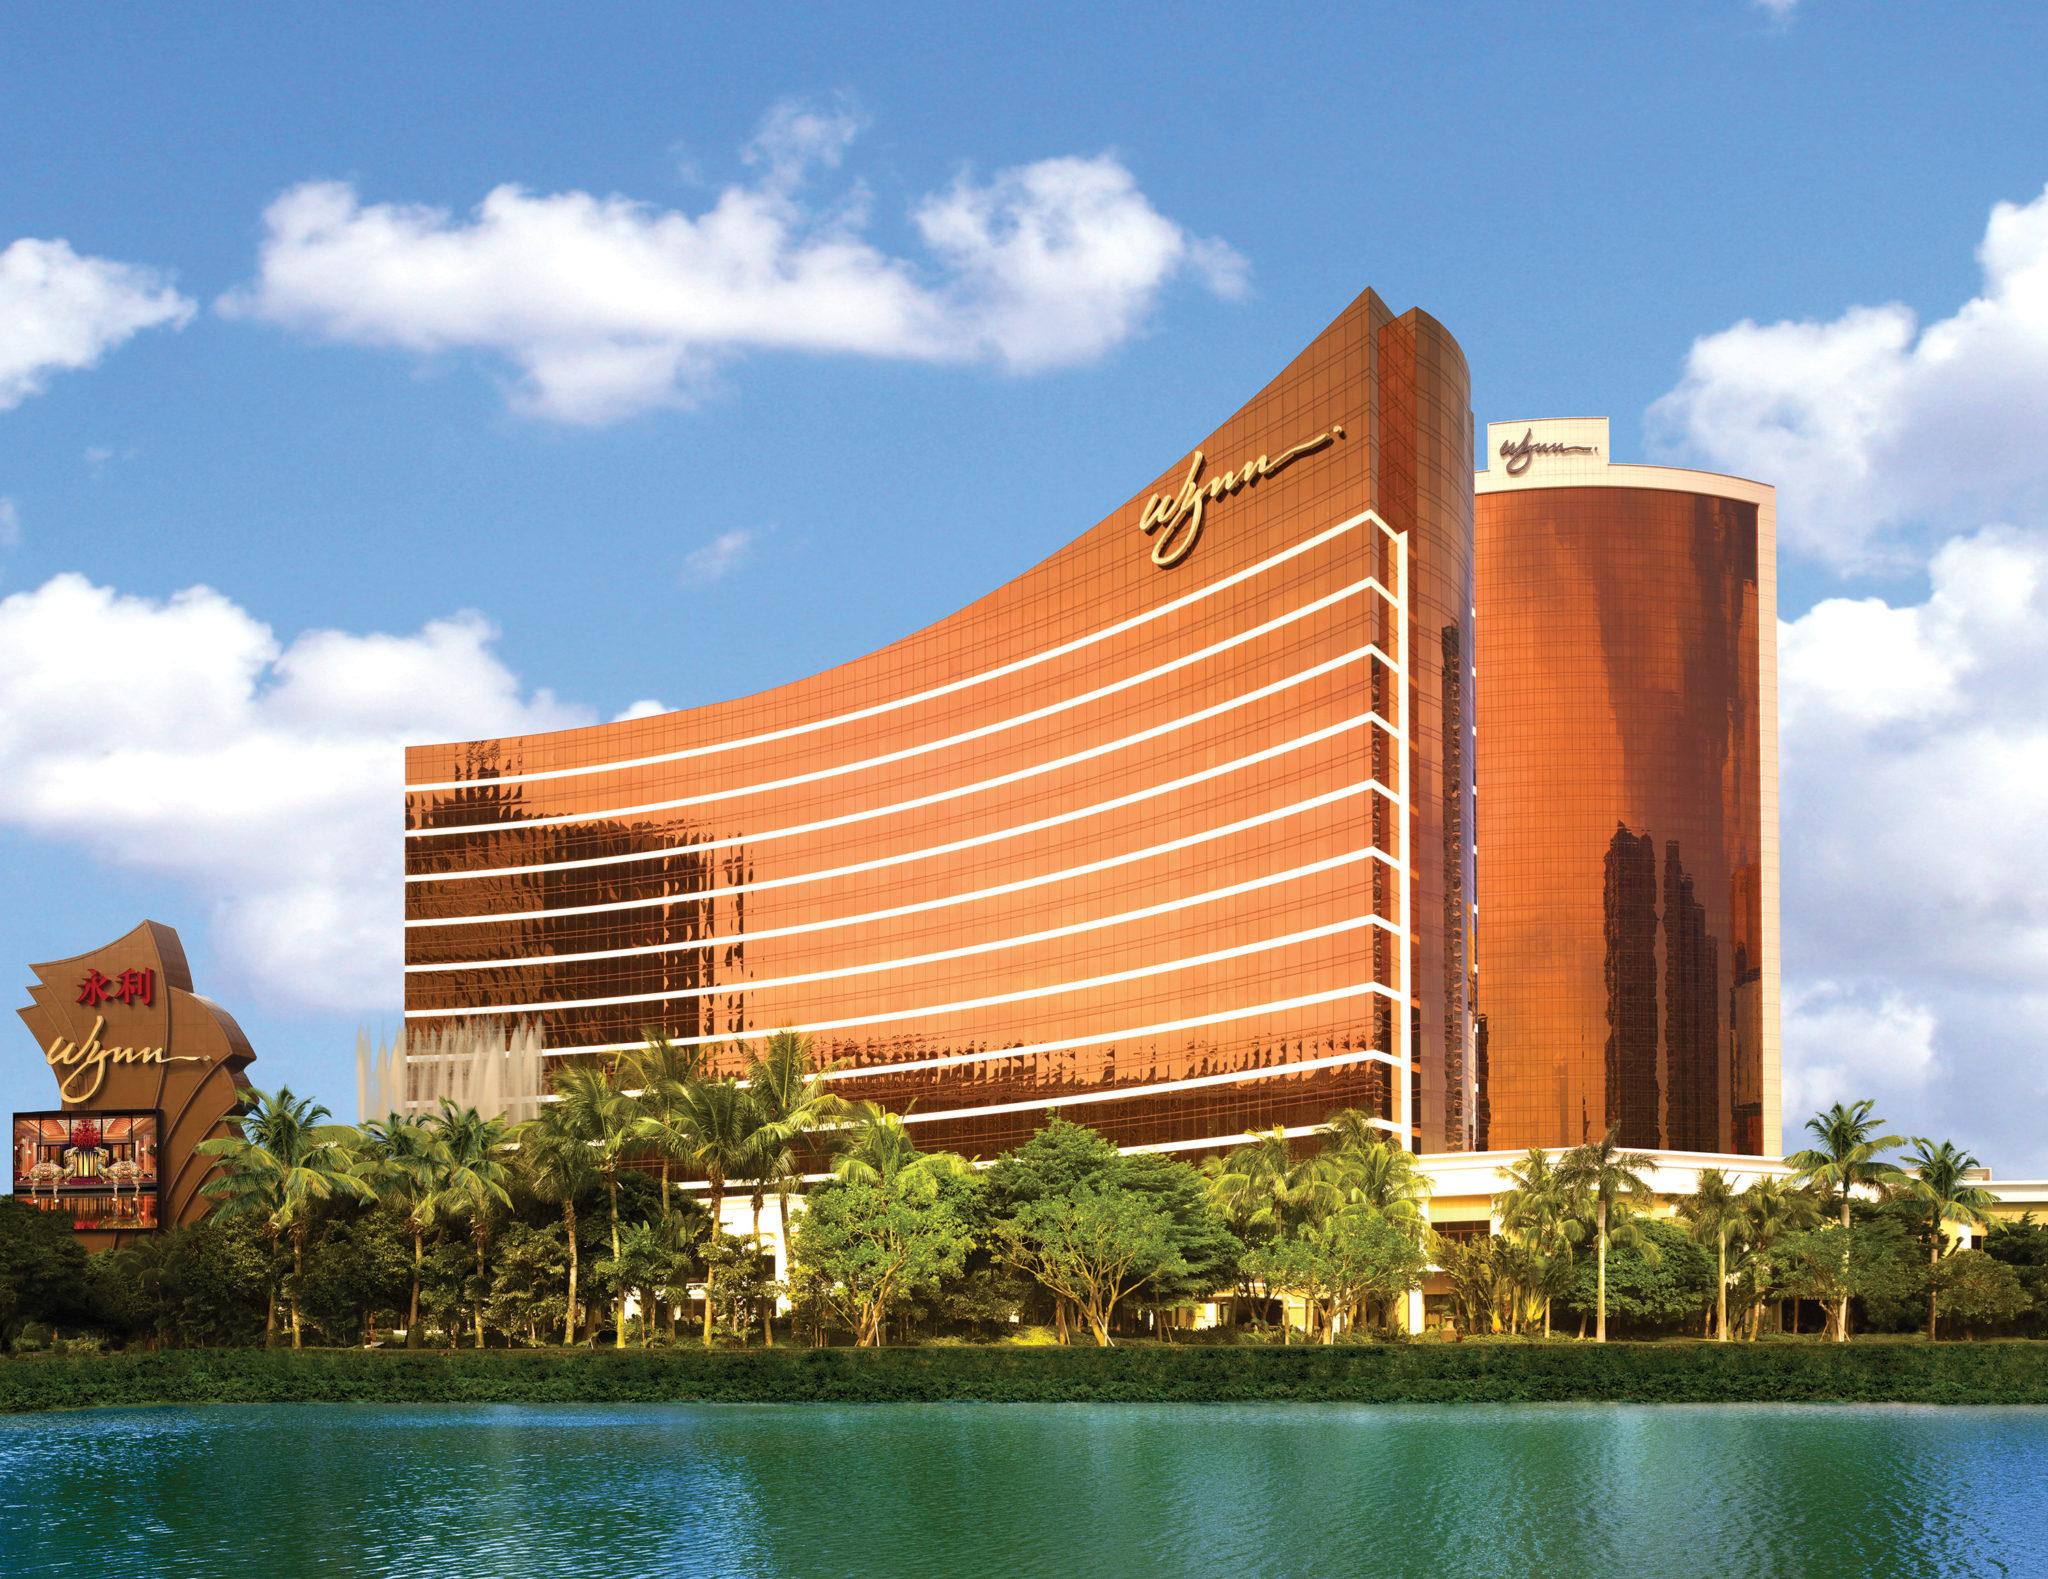 Wynn Macau regista prejuízos superiores a 351 milhões de dólares americanos